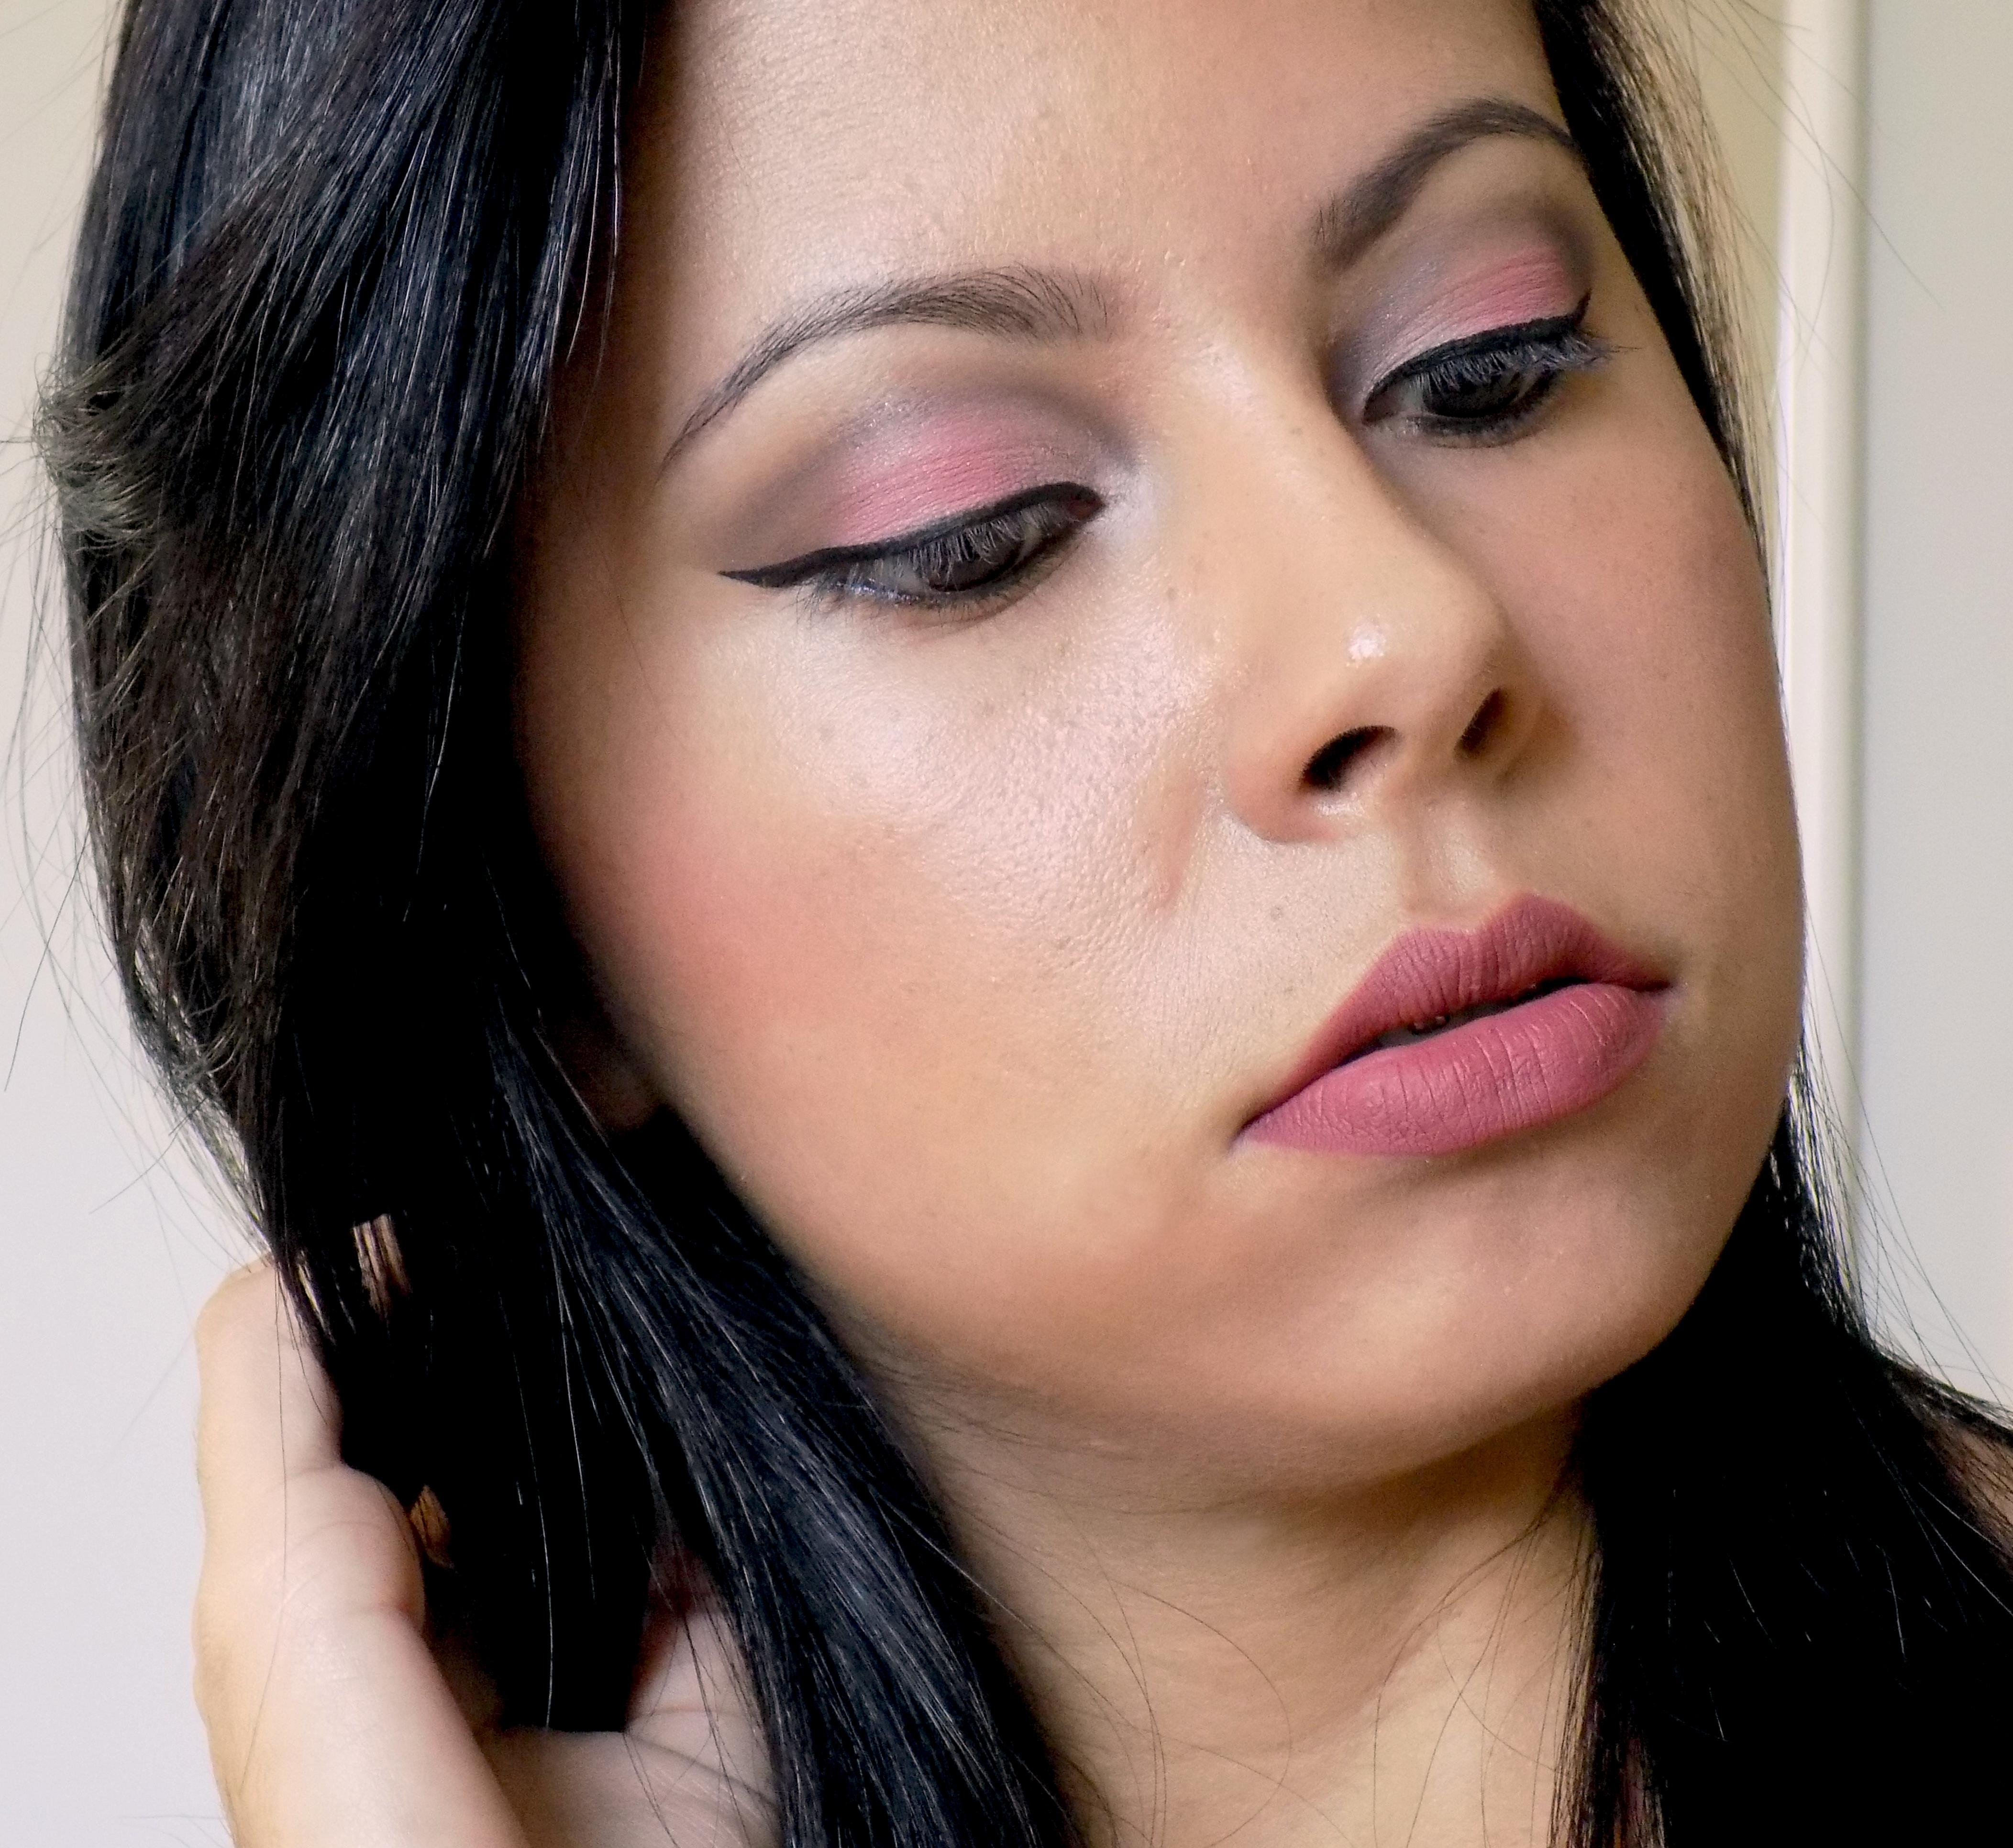 Make básica para o dia a dia dia-a-dia, simples, esfumado maquiagem  maquiador(a)